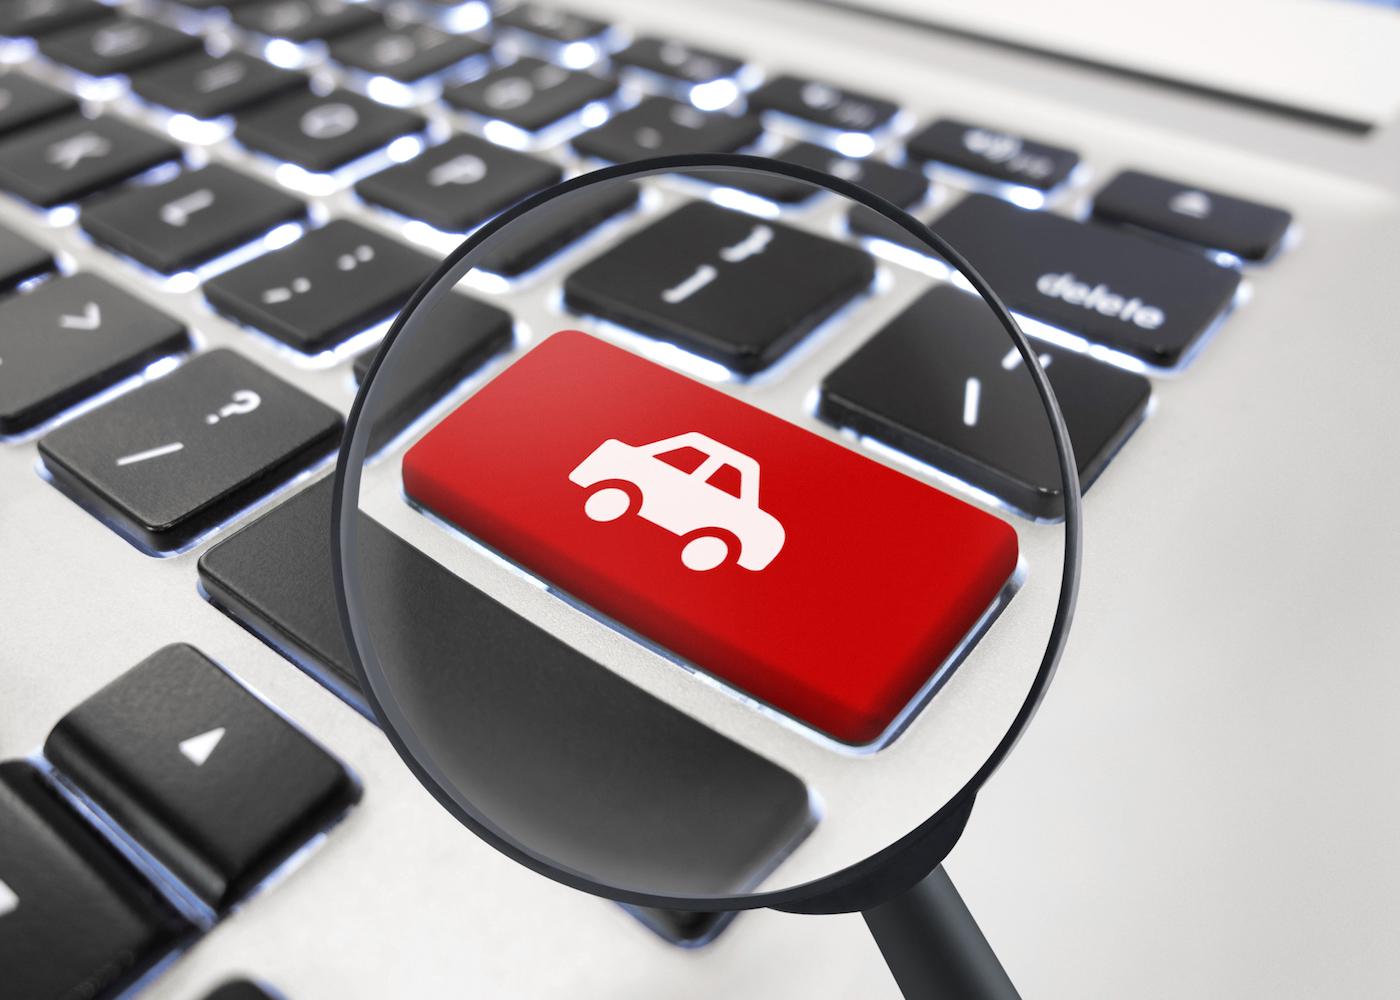 teclado de um computadpr com um carro desenhado no botão enter e uma lupa